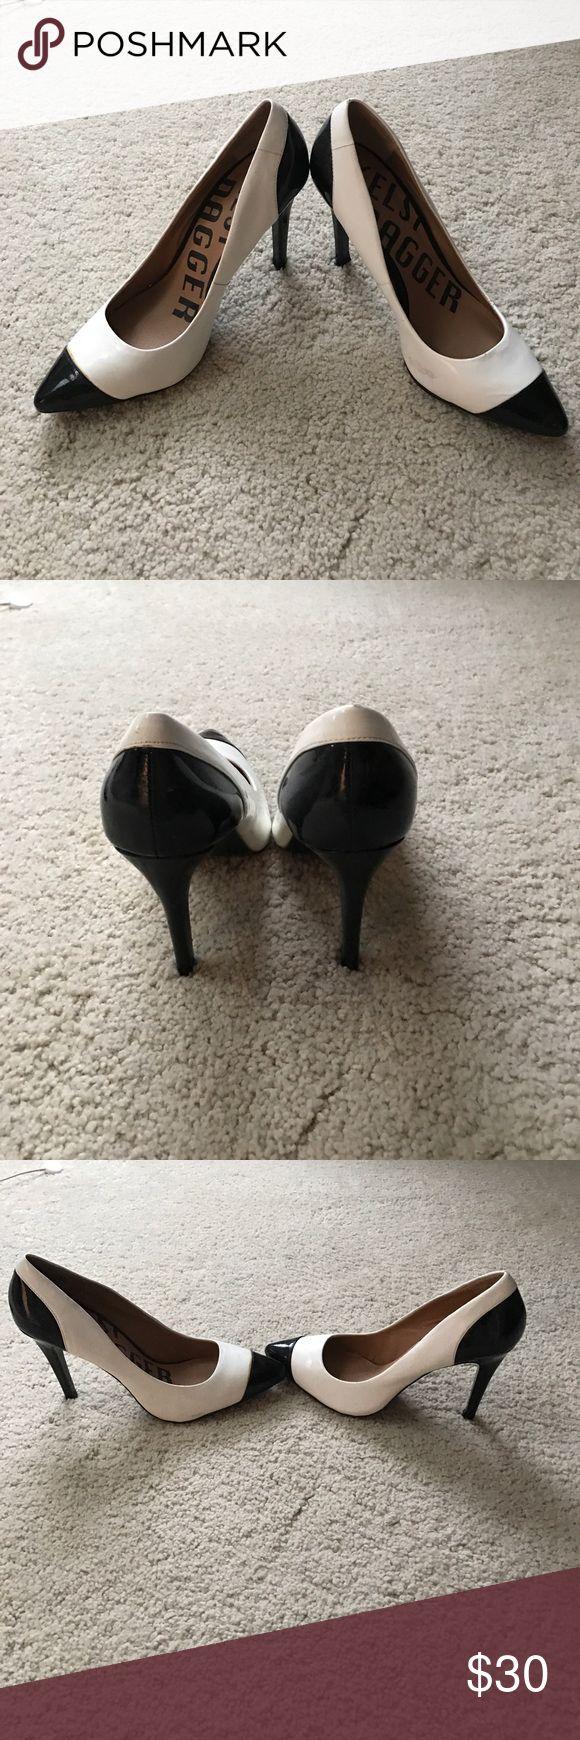 """Kelsi dagger pumps 8.5 Never worn. Off white with black detail. 4"""" heel Kelsi Dagger Shoes Heels"""